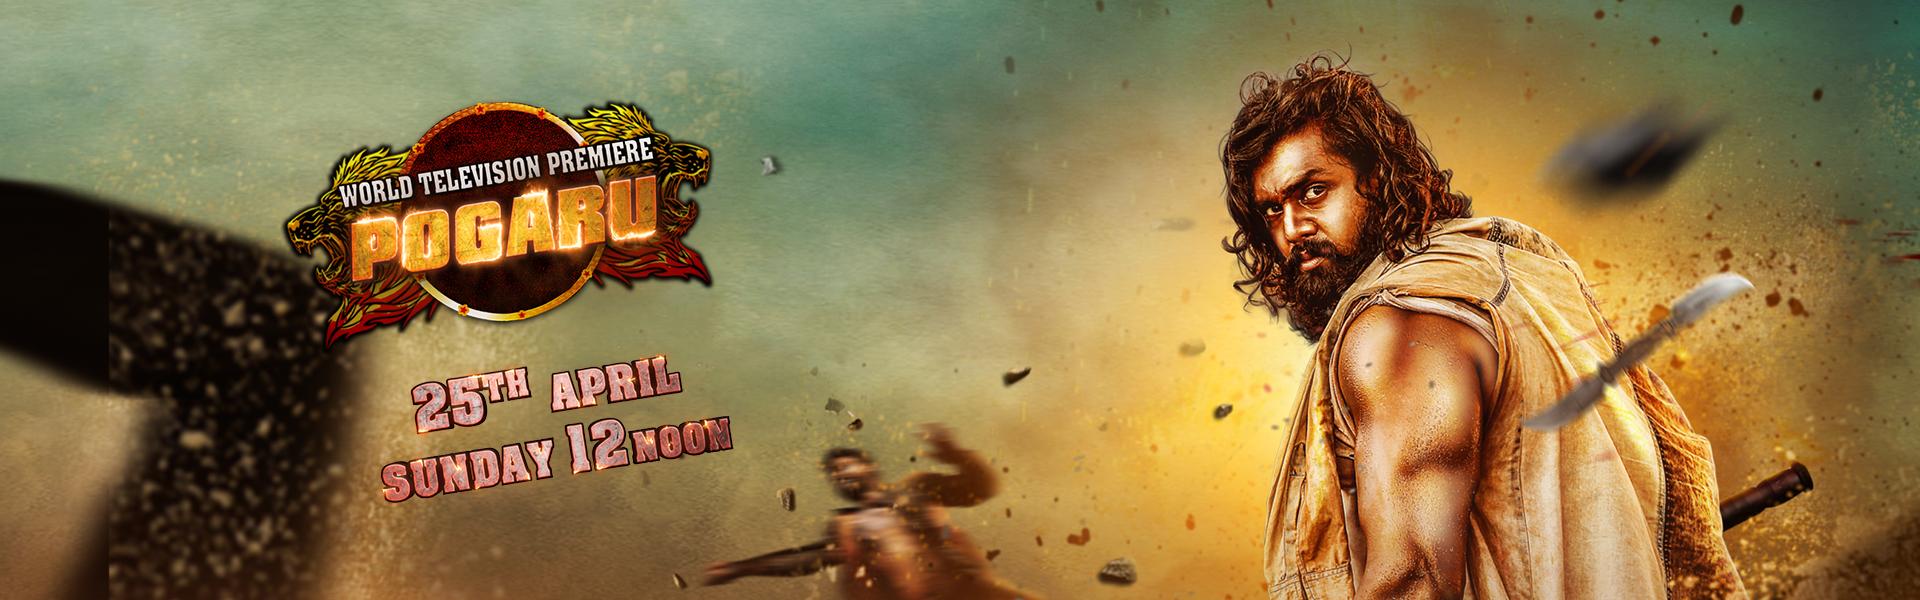 Pogaru | World Television Premiere | 25th April @12Noon | Colors Cineplex